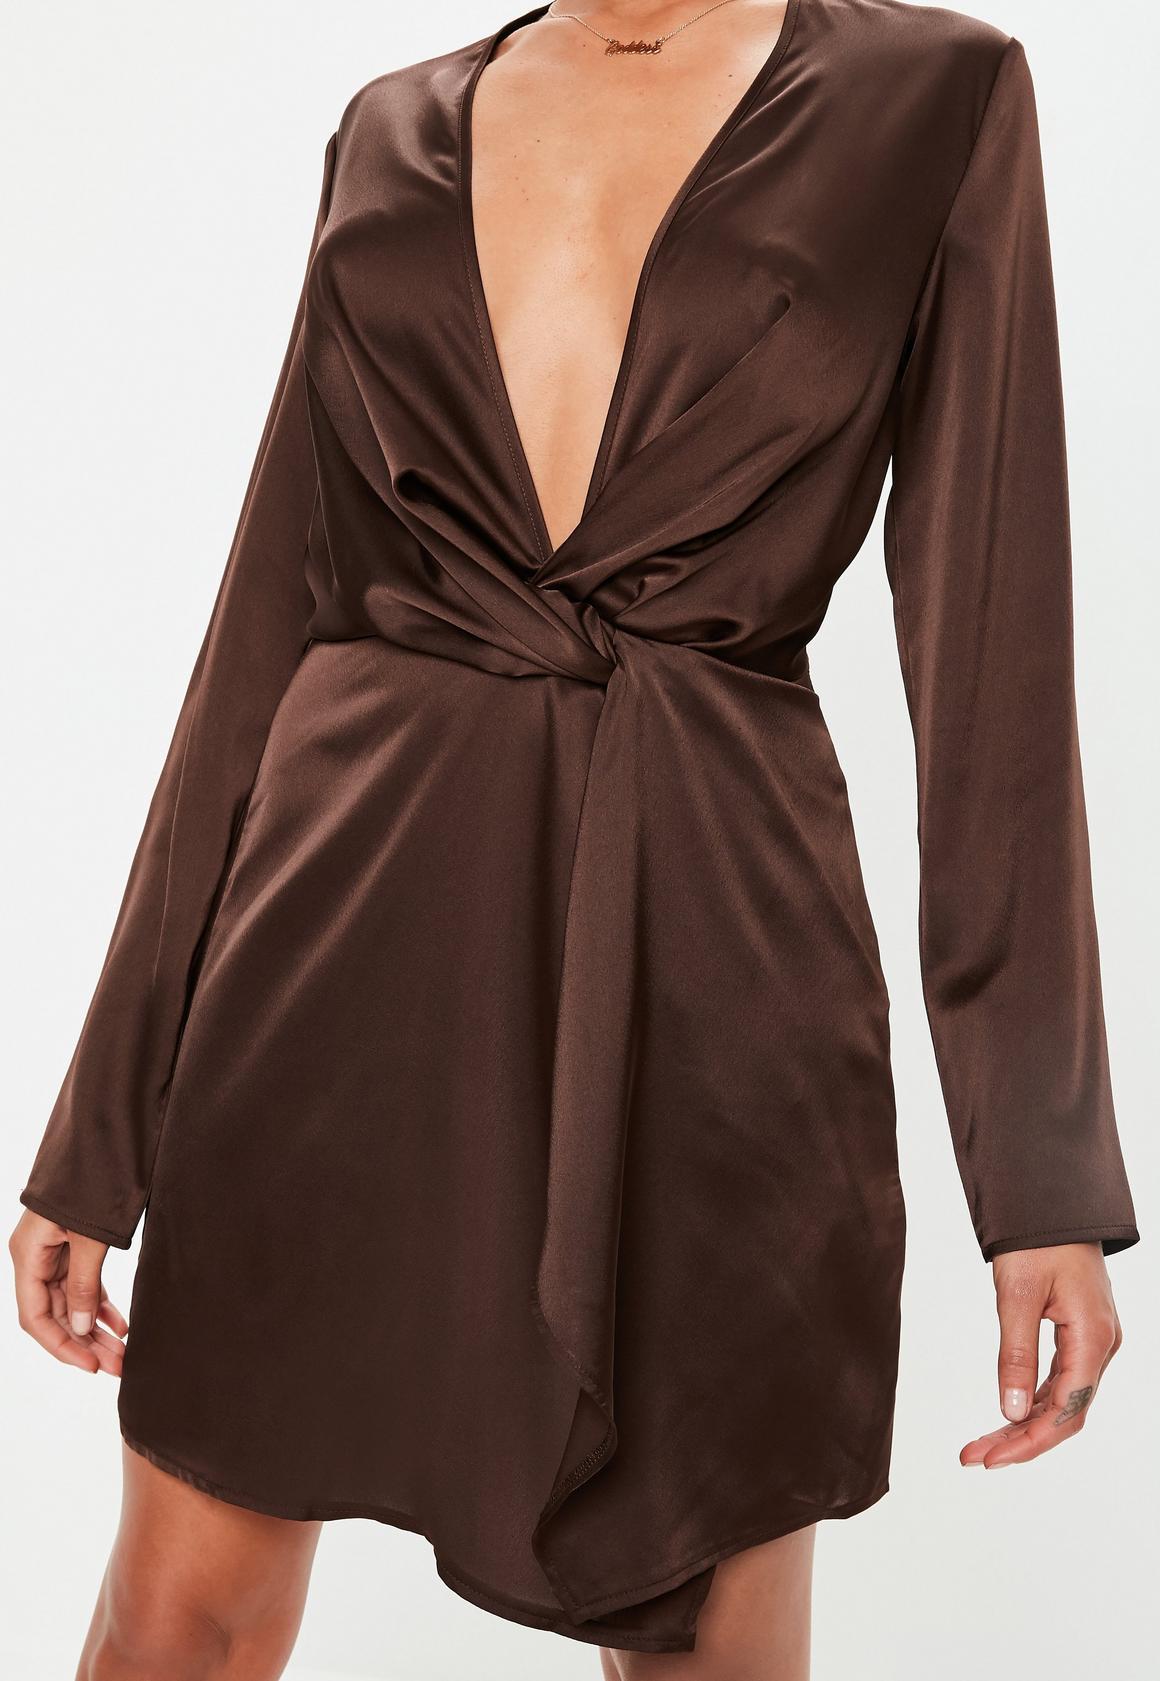 Missguided - robe courte en satin  vrille devant - 3